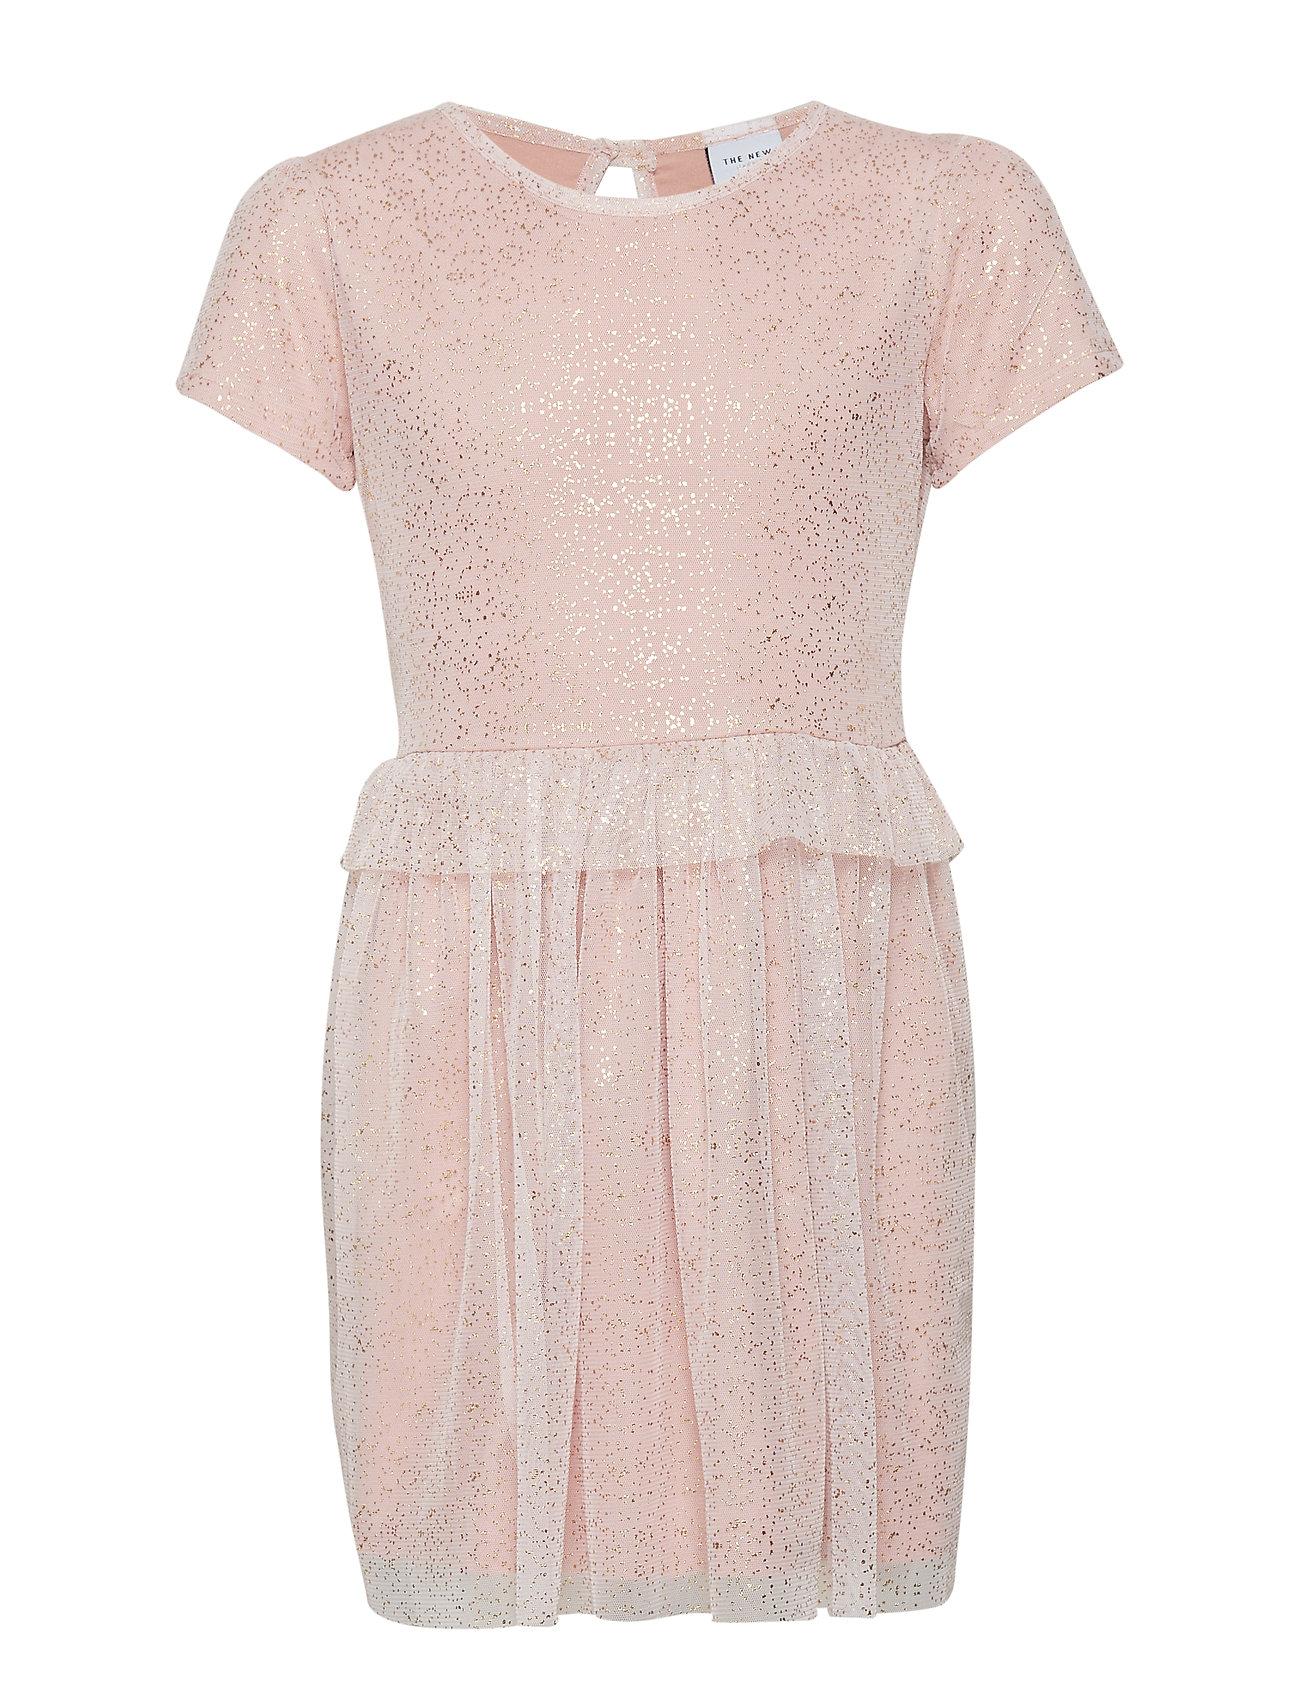 The New LOVINA S_S DRESS - ADOBE ROSE